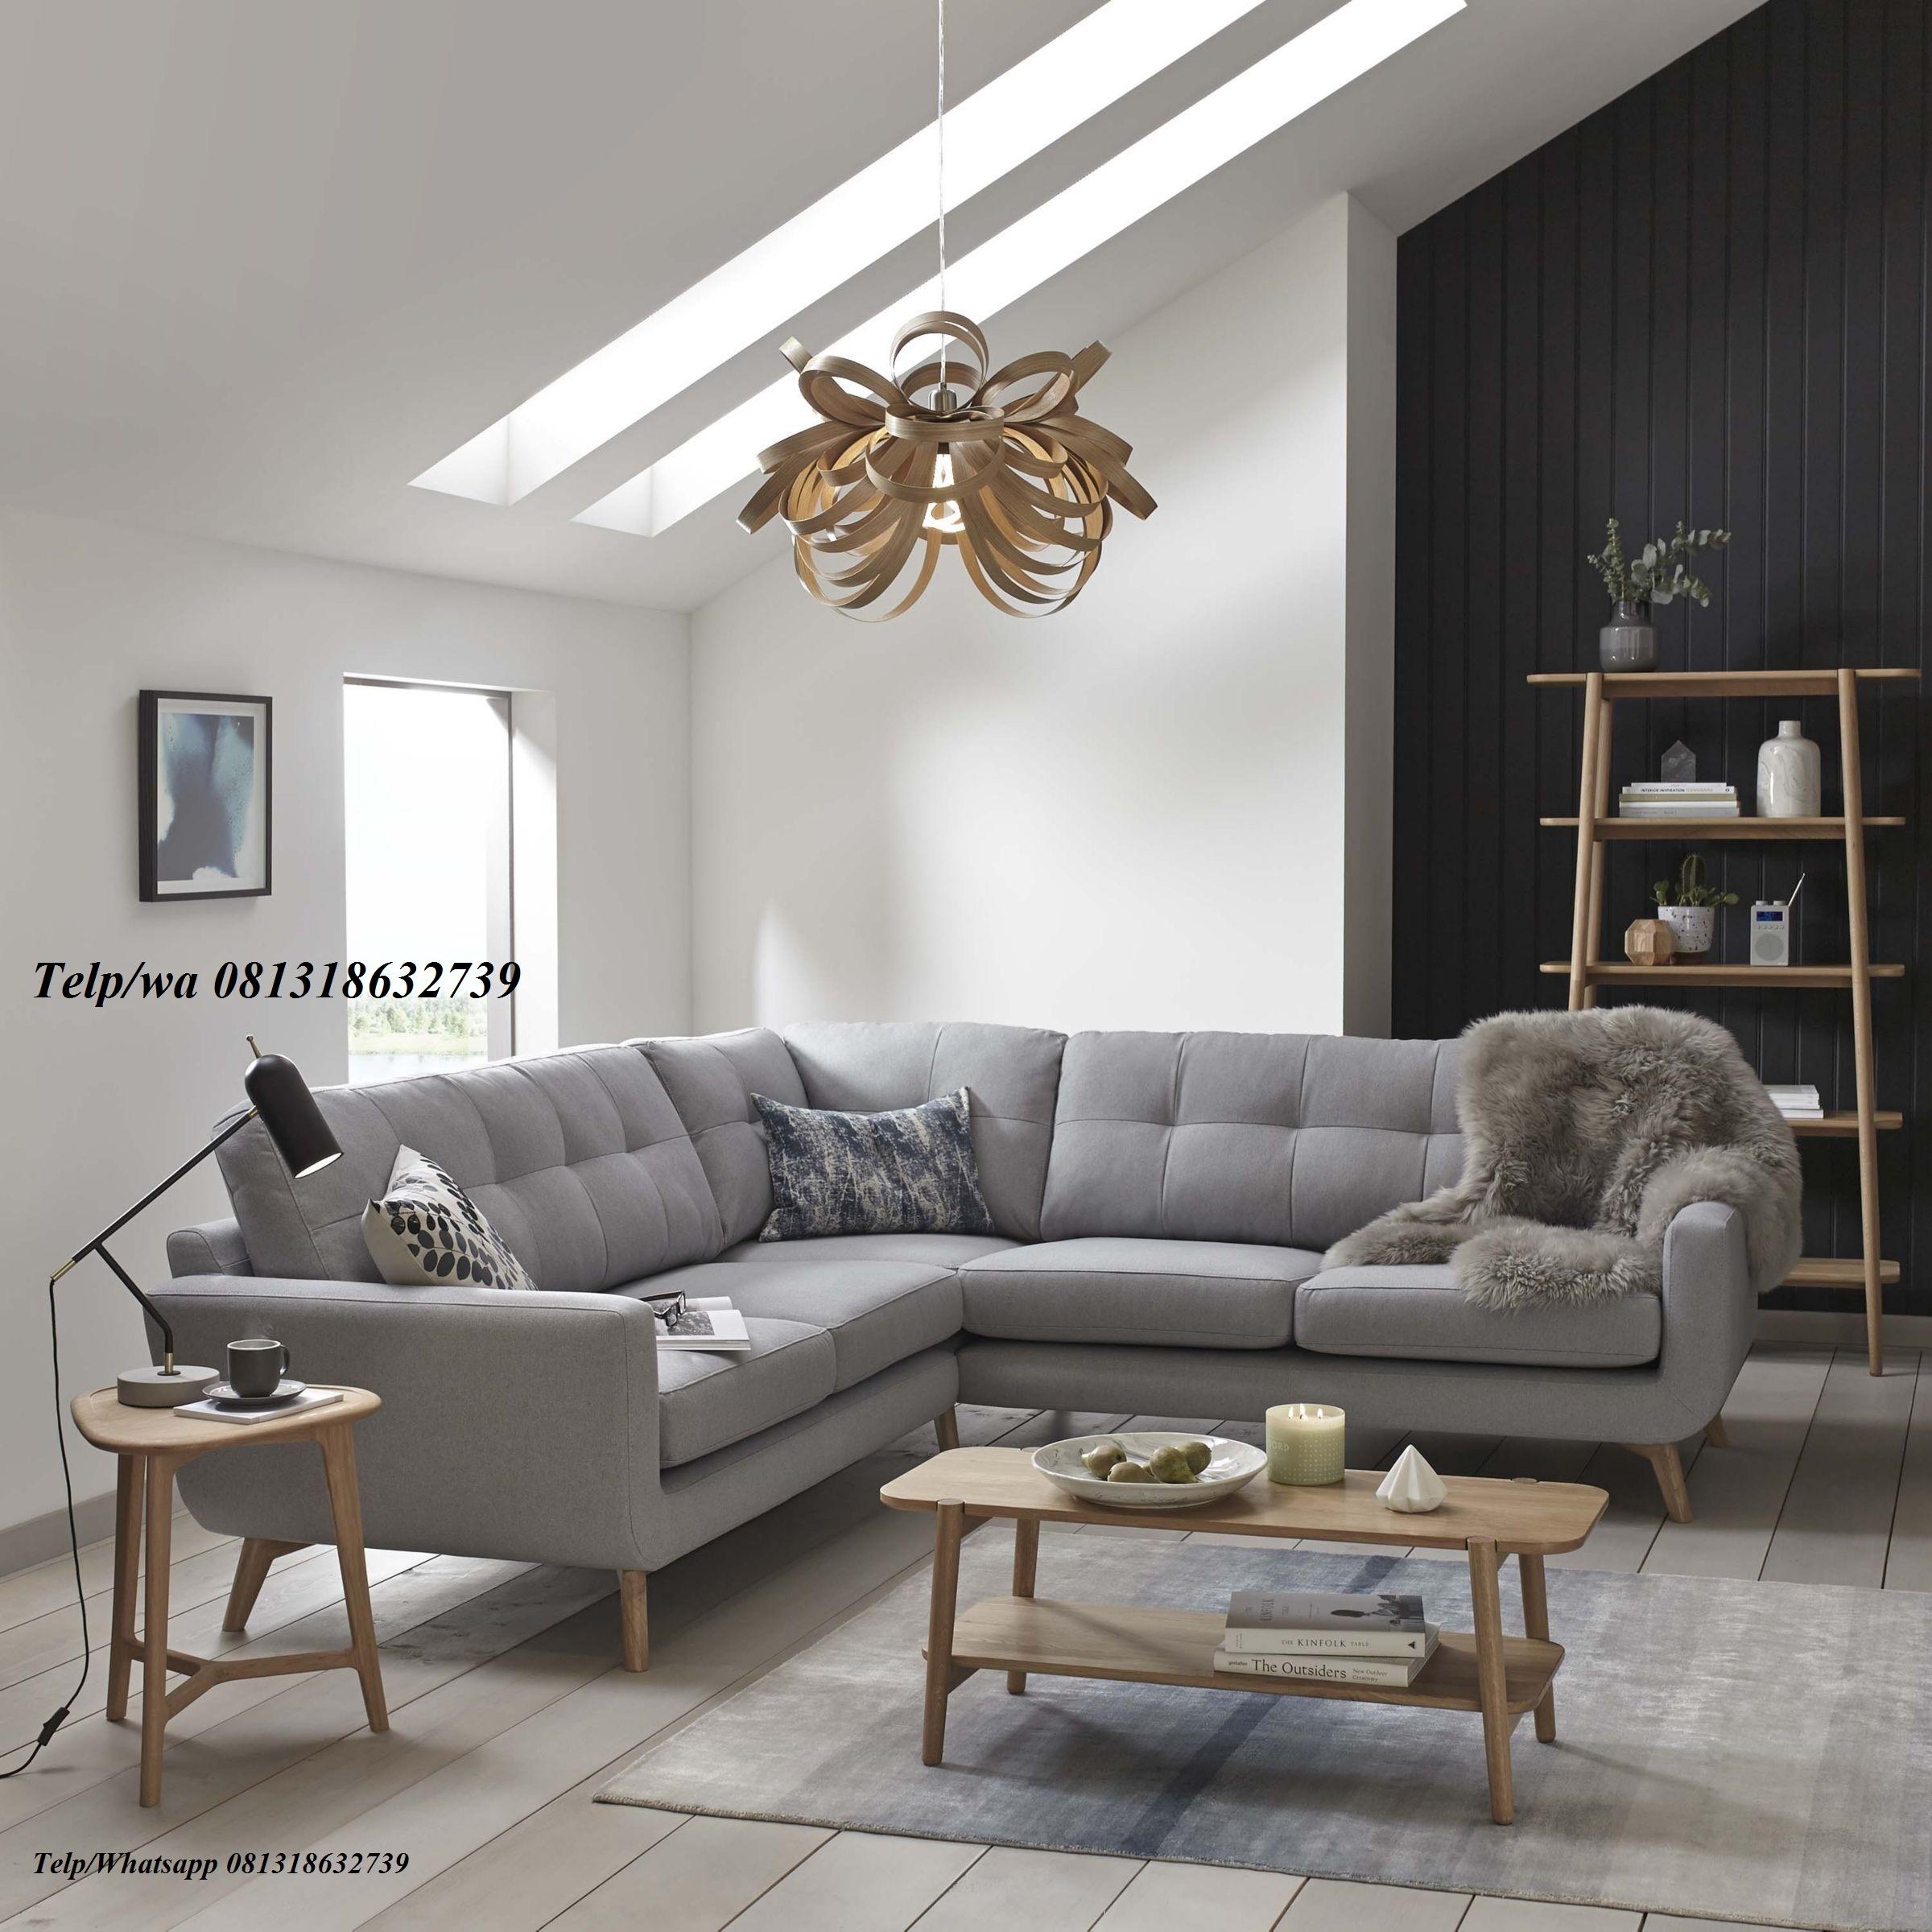 Kursi Tamu Sofa Retro Minimalis,Set Kursi Sofa Tamu Semi Gold Terlaris KSI-63,kursi tamu,harga sofa,kursi tamu minimalis,sofa minimalis,harga kursi tamu,kursi minimalis,harga sofa minimalis,meja makan,sofa murah,meja makan minimalis ,sofa ruang tamu ,harga kursi ,sofa minimalis murah ,kursi sofa,model sofa,harga sofa ruang tamu,model kursi tamu,harga meja makan,harga sofa murah,harga kursi tamu minimalis,harga kursi sofa,meja makan murah,jual sofa,kursi tamu murah,sofa tamu,model sofa terbaru,jual sofa minimalis,harga meja makan minimalis,harga kursi minimalis,harga kursi kayu Bantal sofa, desain kursi tamu, design sofa, furniture kursi tamu, furniture sofa, gambar kursi ruang tamu, harga kursi sofa, harga kursi tamu, harga kursi tamu jati, harga kursi tamu jati ukir jepara, harga kursi tamu murah, Harga Sofa Klasik, jual sofa murah, jual sofa tamu, kursi sofa jati, kursi tamu jepara, kursi tamu ukiran, Model Sofa Klasik, model sofa tamu, sofa besar, sofa jati,jepara,furnitureidaman.com,furnitureidaman,kursi sofa mewah,set kursi tamu,kursi tamu minimalis,sofa minimalis,sofa mewah,sofa jepara,kursi tamu sofa,kursi sofa terbaru,kursi sofa model terbaru,sofa terbaru,sofa terbaru 2017,sofa berkualitas,furnitureklasik,sofa,sofamurah,furnitureclasik,sofa victorian,sofa turkey,sofa italian,sofa eropa,furniture sofa, gambar sofa jepara, harga sofa bed, harga sofa bed minimalis, harga sofa kulit, harga sofa minimalis modern, jual sofa bed, model model sofa, model sofa bed, model sofa minimalis, sarung bantal sofa, sofa, sofa ace hardware, sofa anak, sofa anak lucu, sofa angin, sofa angin 5 in 1, sofa angin bestway, sofa angin kaskus, sofa angin murah, sofa angsa jepara, sofa antik, sofa atria, sofa bandung, sofa bed, sofa bed anak, sofa bed bandung, sofa bed informa, sofa bed inoac, sofa bed murah, sofa bekas, sofa bola, sofa boneka, sofa cafe murah, sofa cantik, sofa cantik minimalis, sofa cellini, sofa cellini bekas, sofa cikarang, sofa cinta, sofa classic, sofa cleopatra,